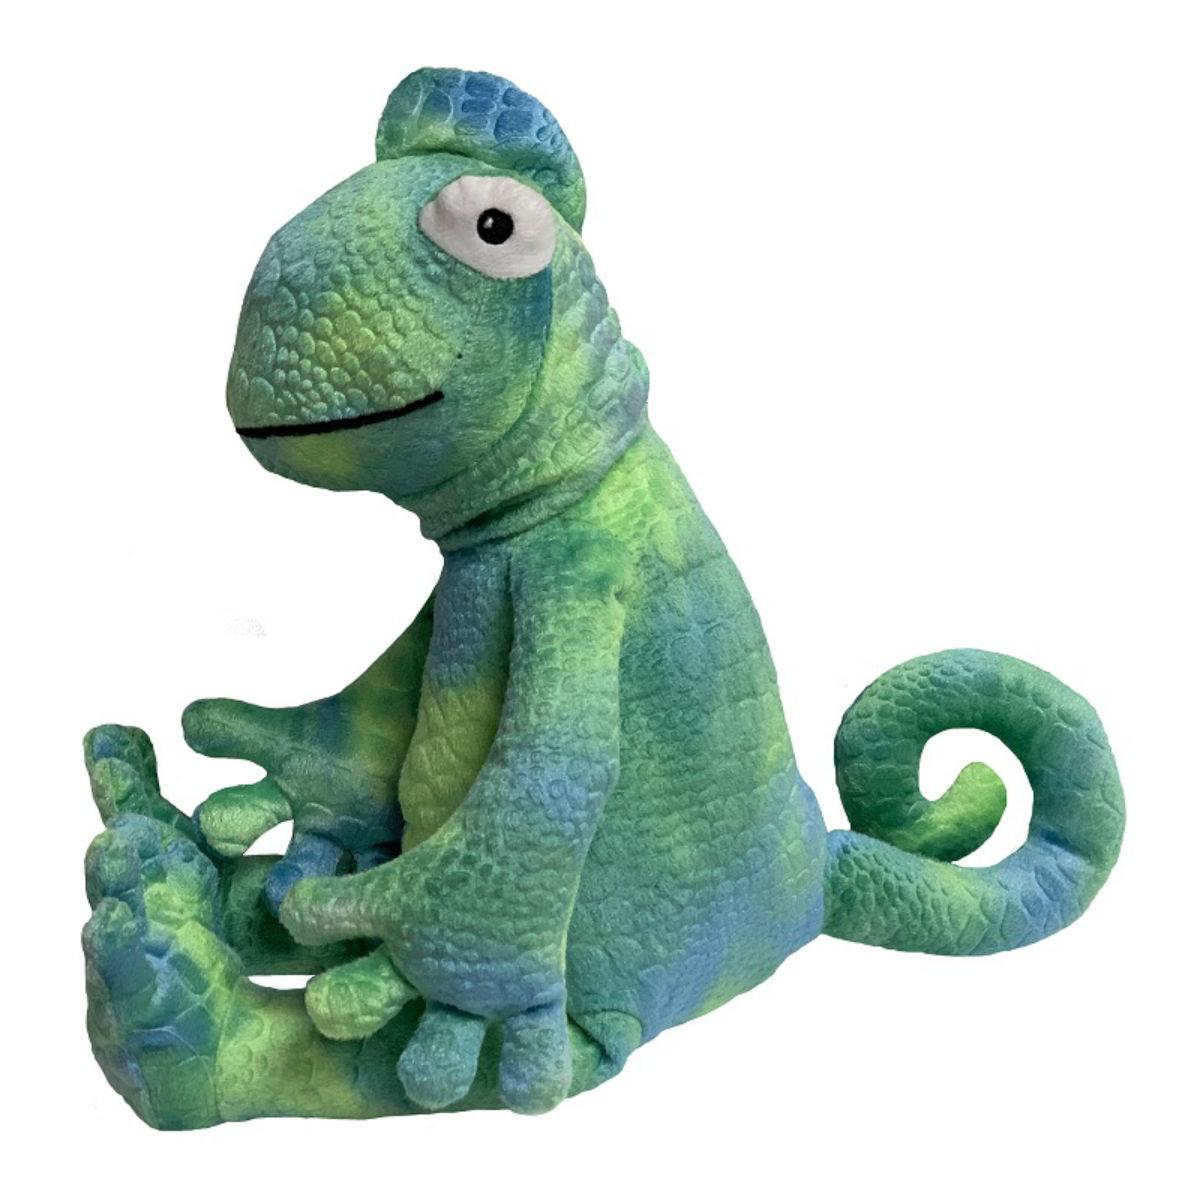 fabdog® Floppy Friends Dog Toy - Chameleon